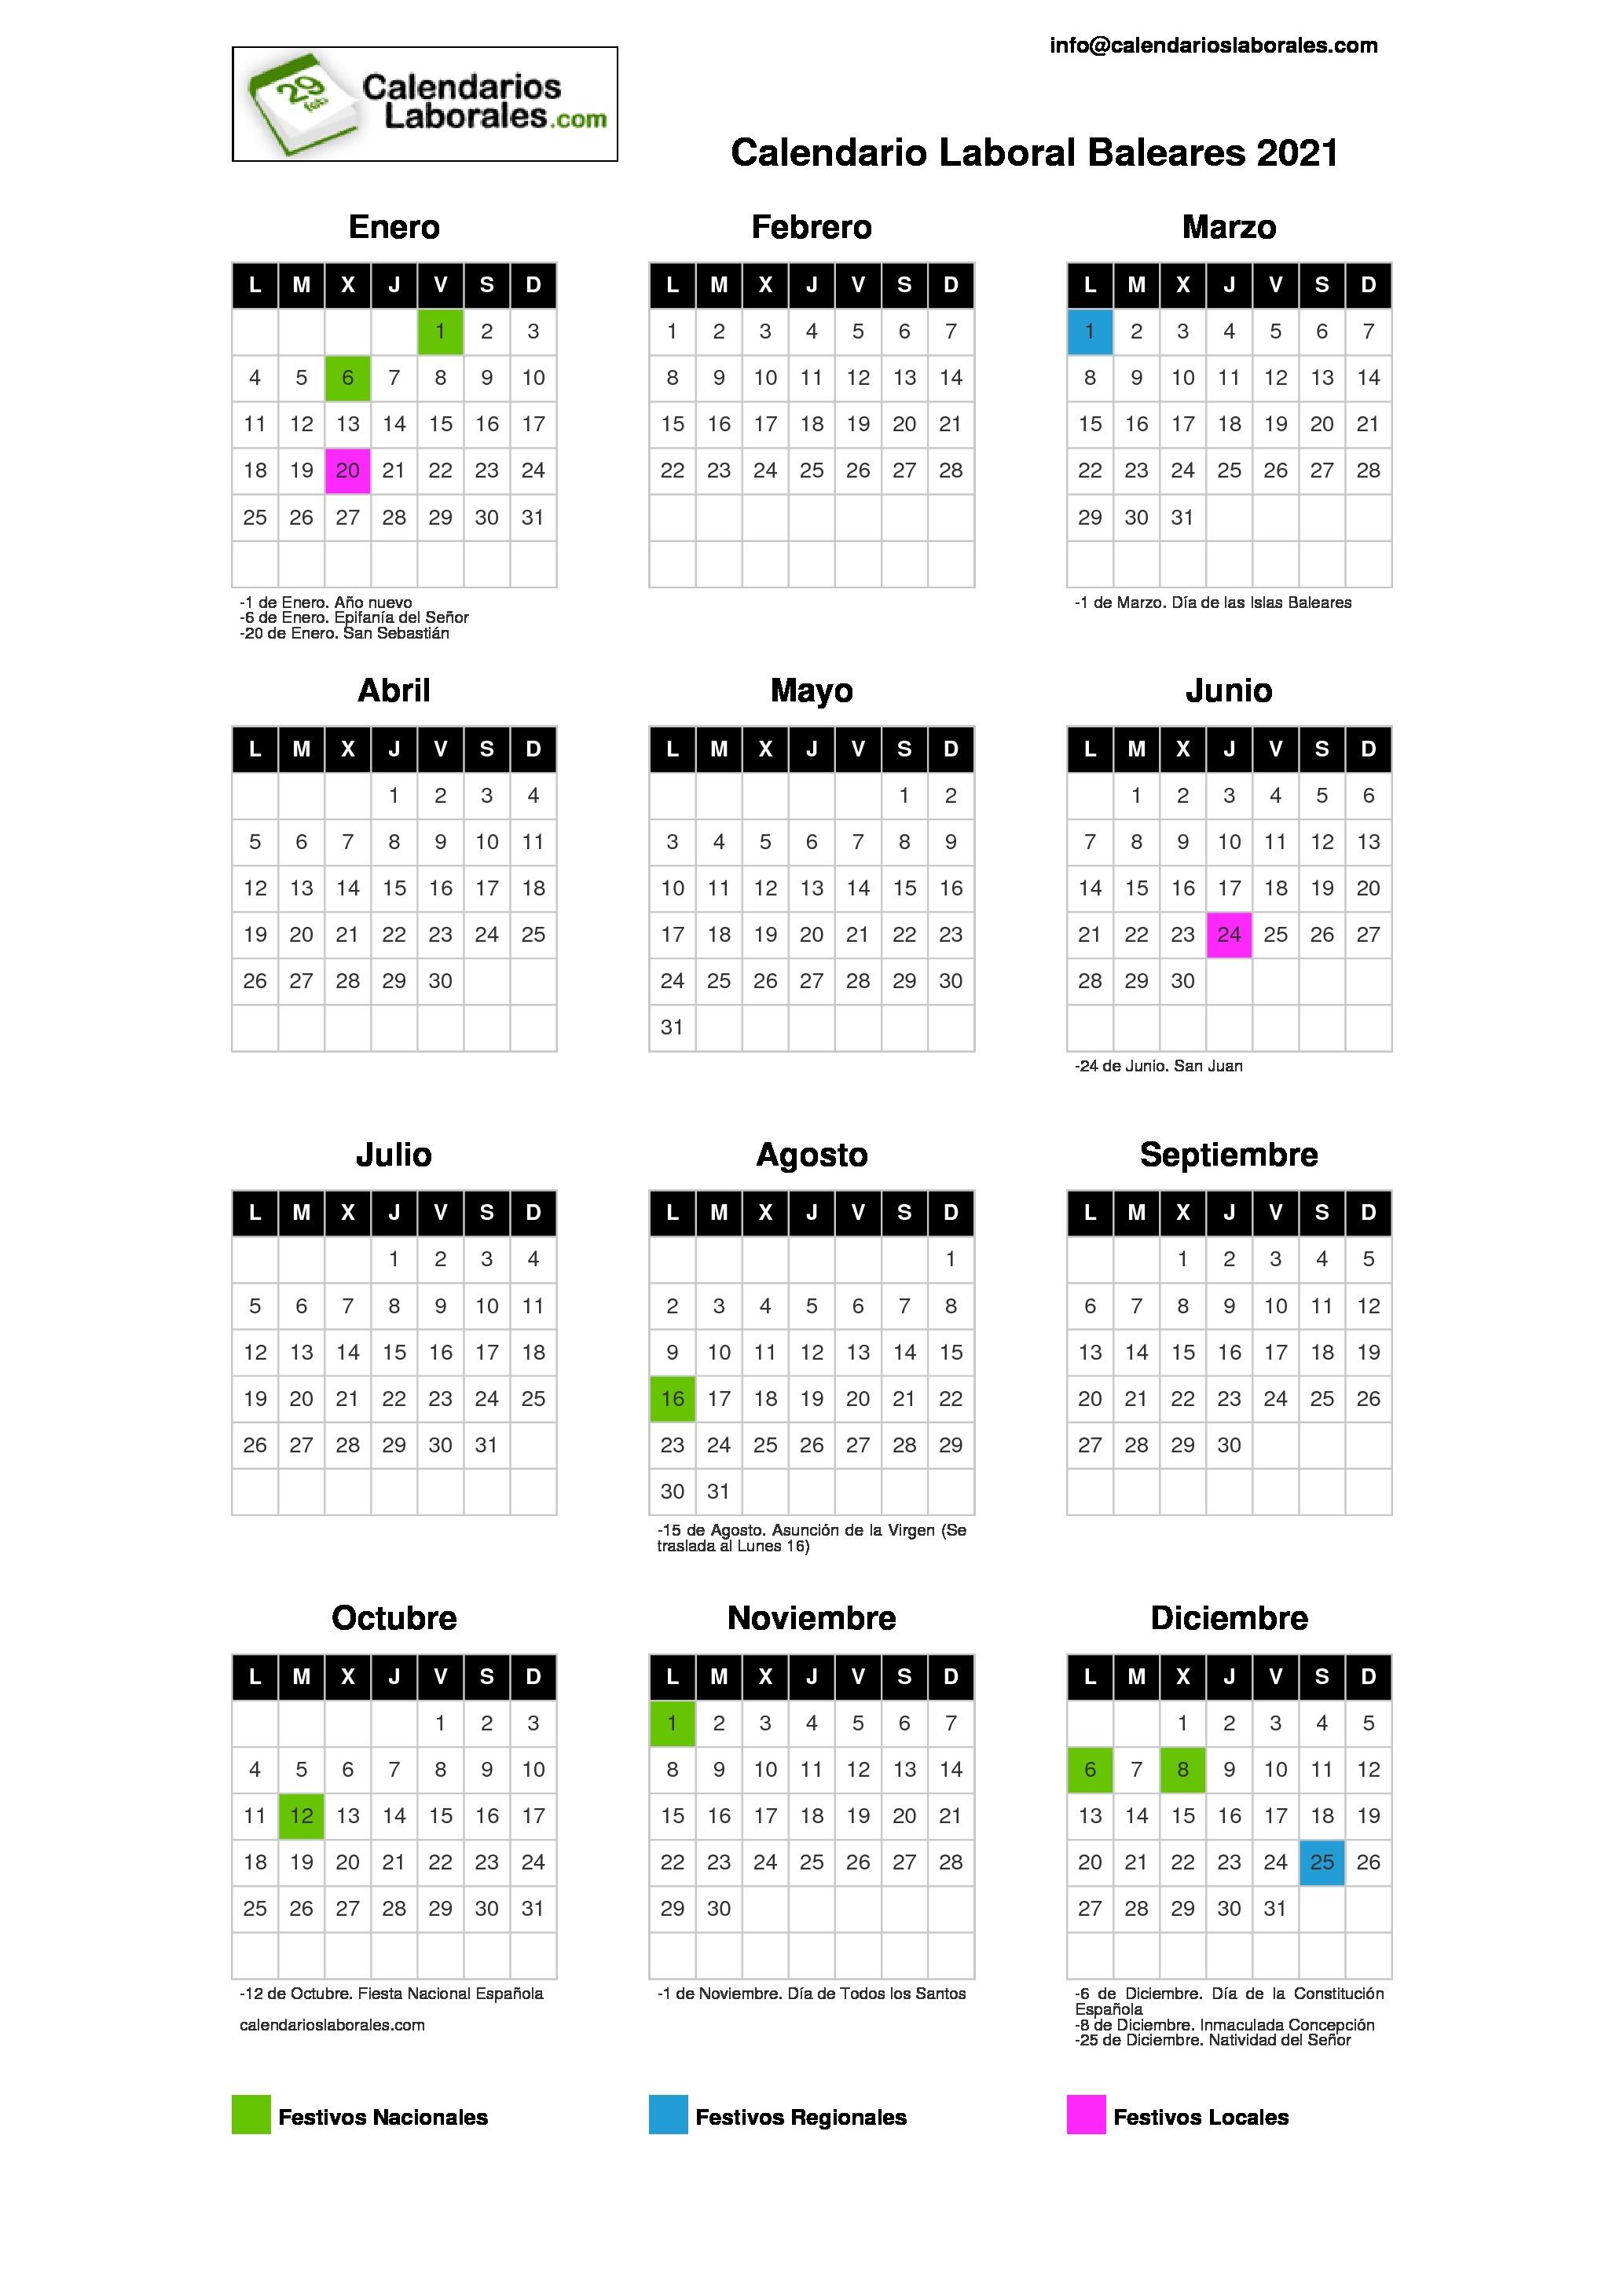 Ibiza Calendario 2021 Calendario Laboral Baleares 2021